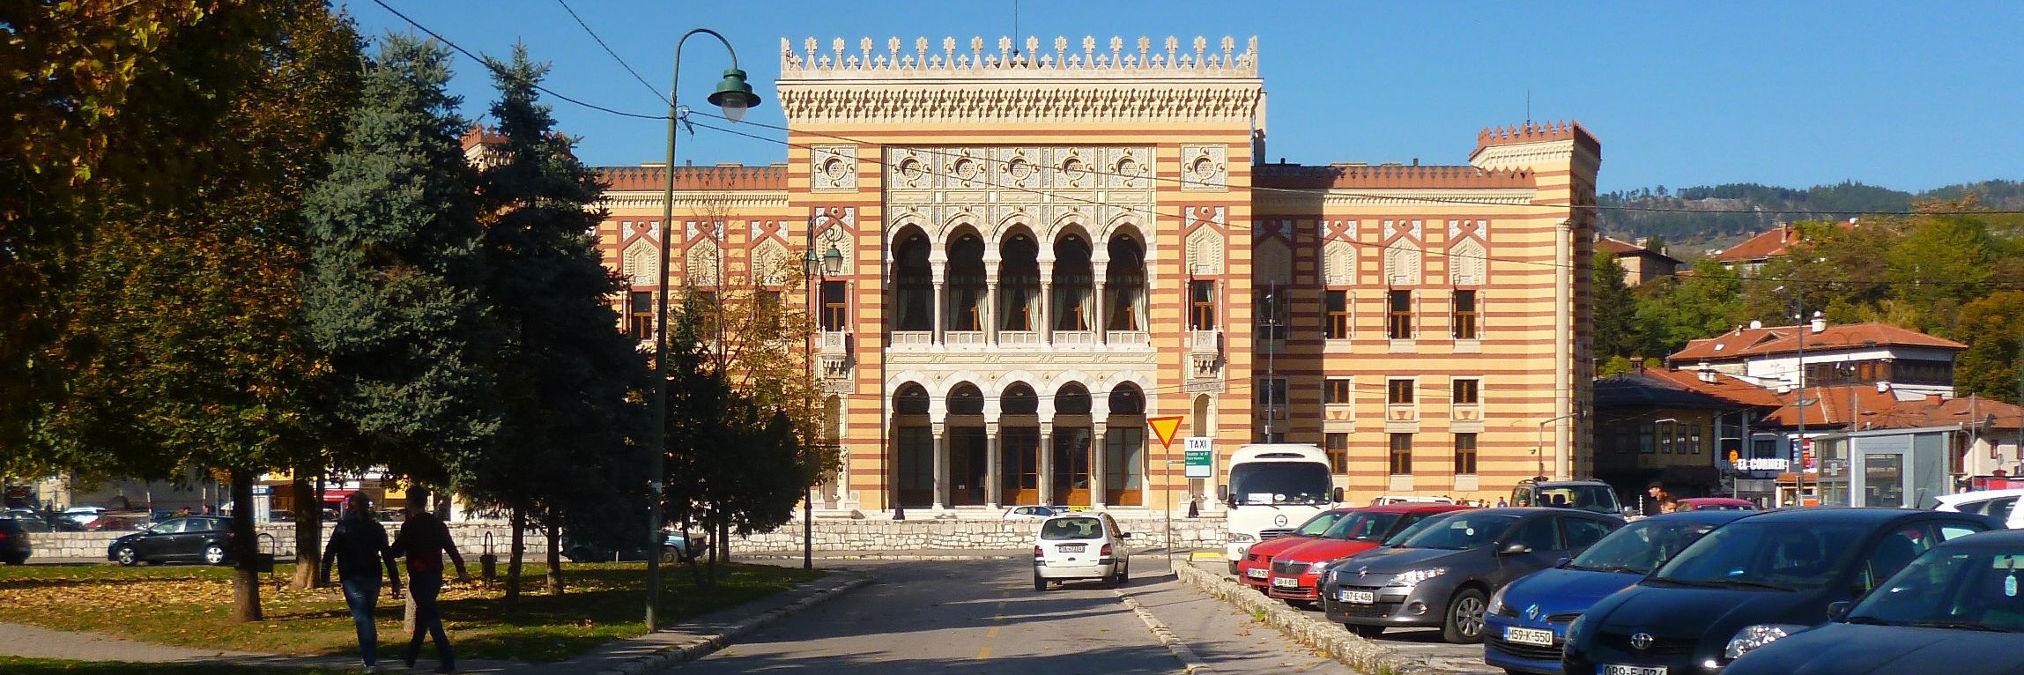 Сараевская Виечница. Фото: Елена Арсениевич, CC BY-SA 3.0